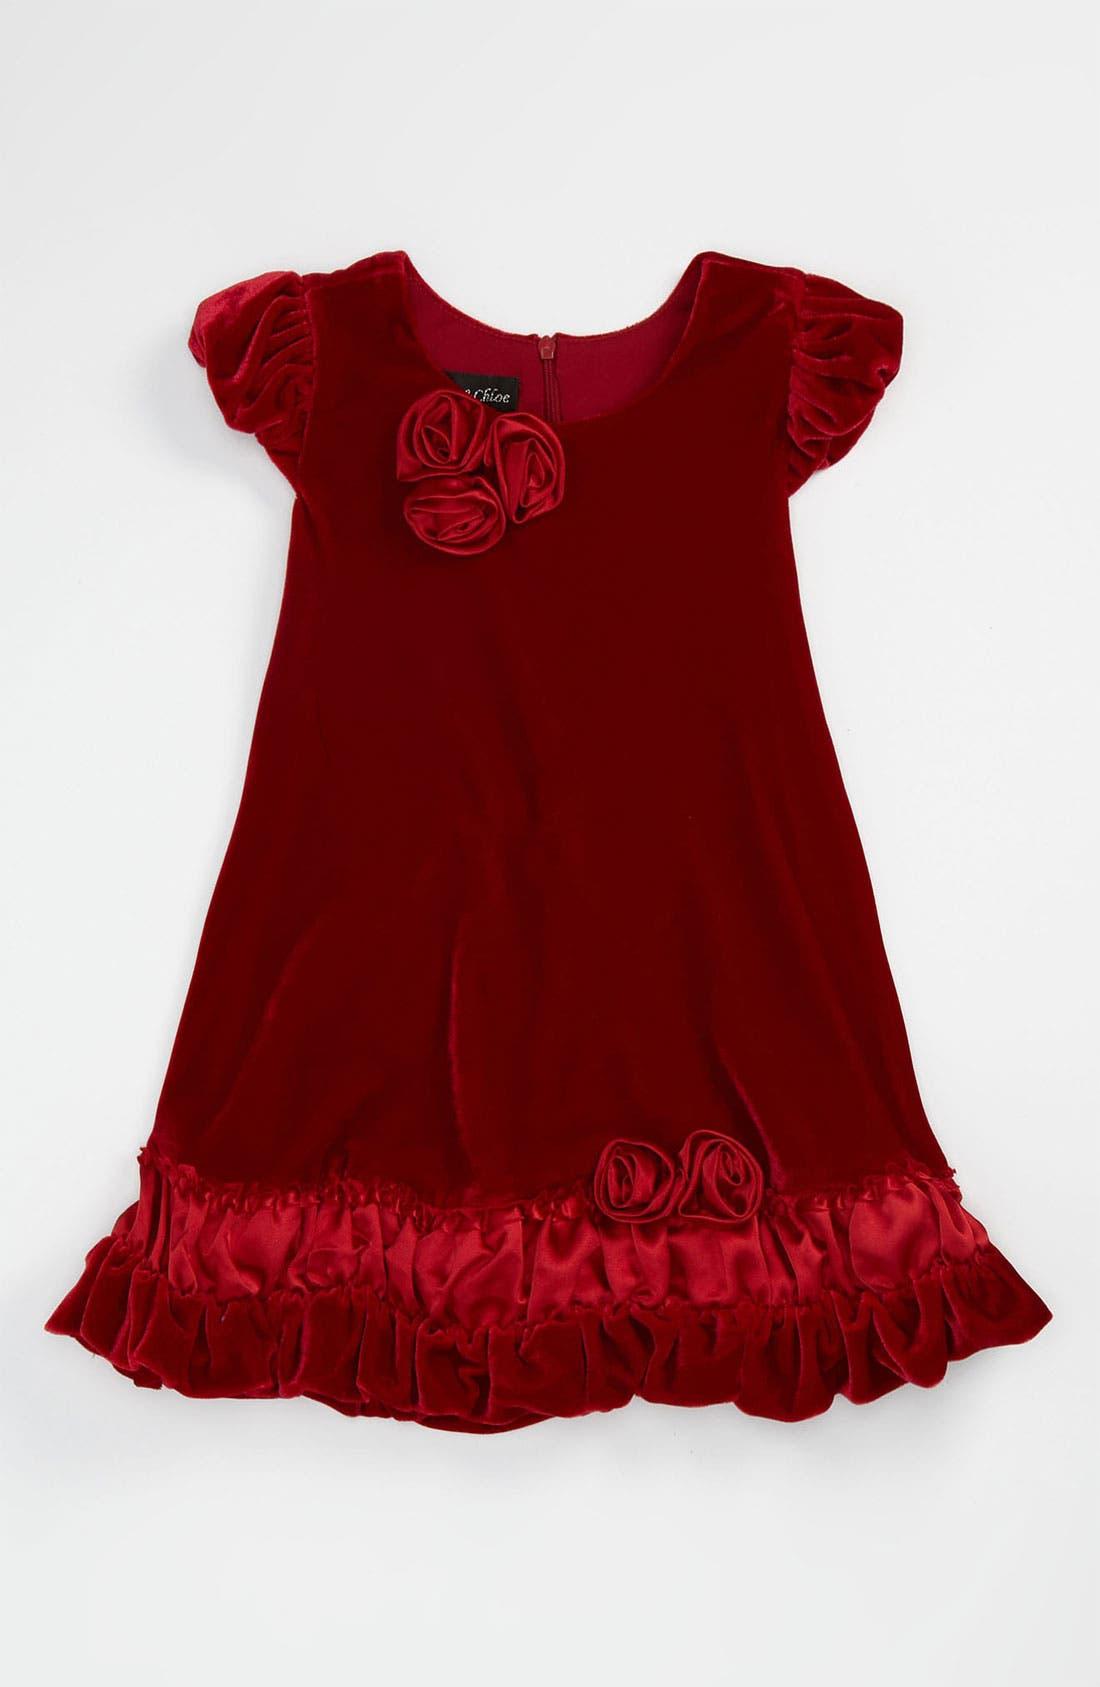 Alternate Image 1 Selected - Isobella & Chloe Velvet Dress (Infant)